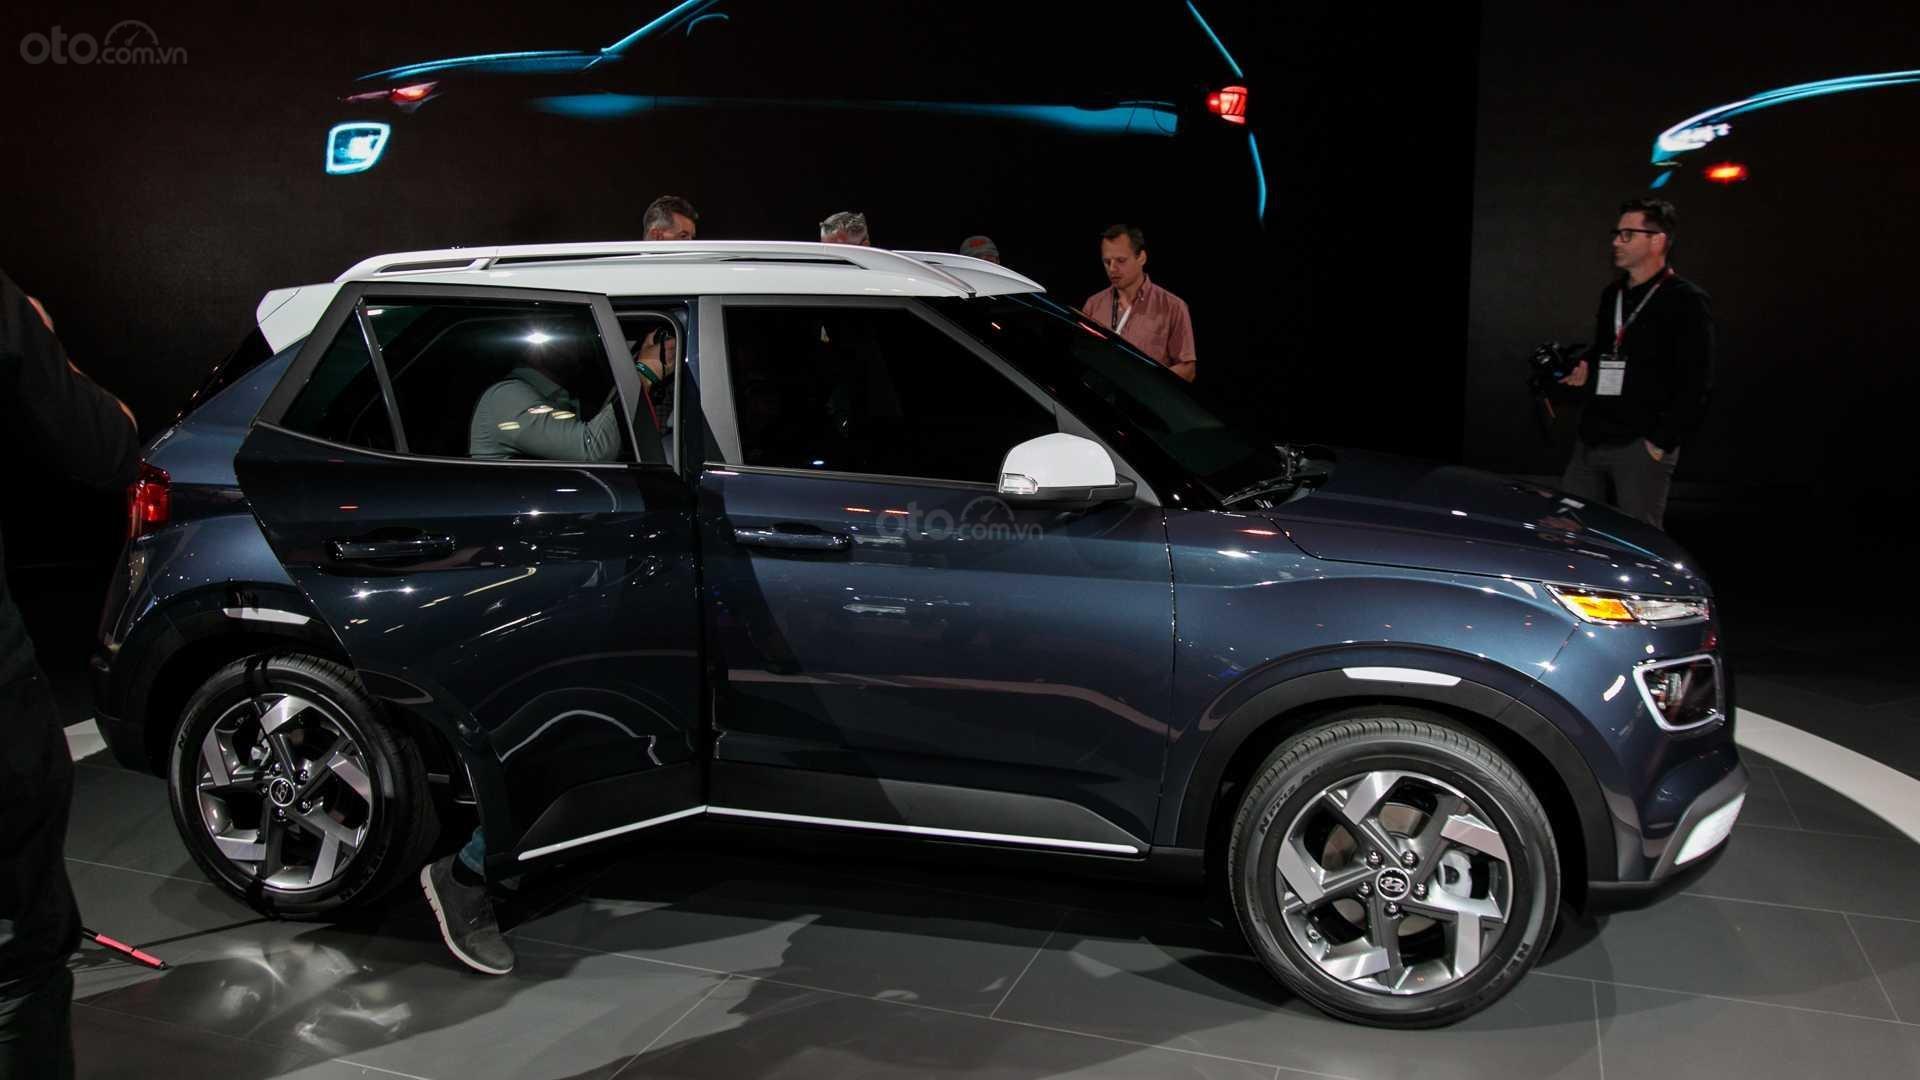 Đánh giá Hyundai Venue 2020 - góc thân xe 2